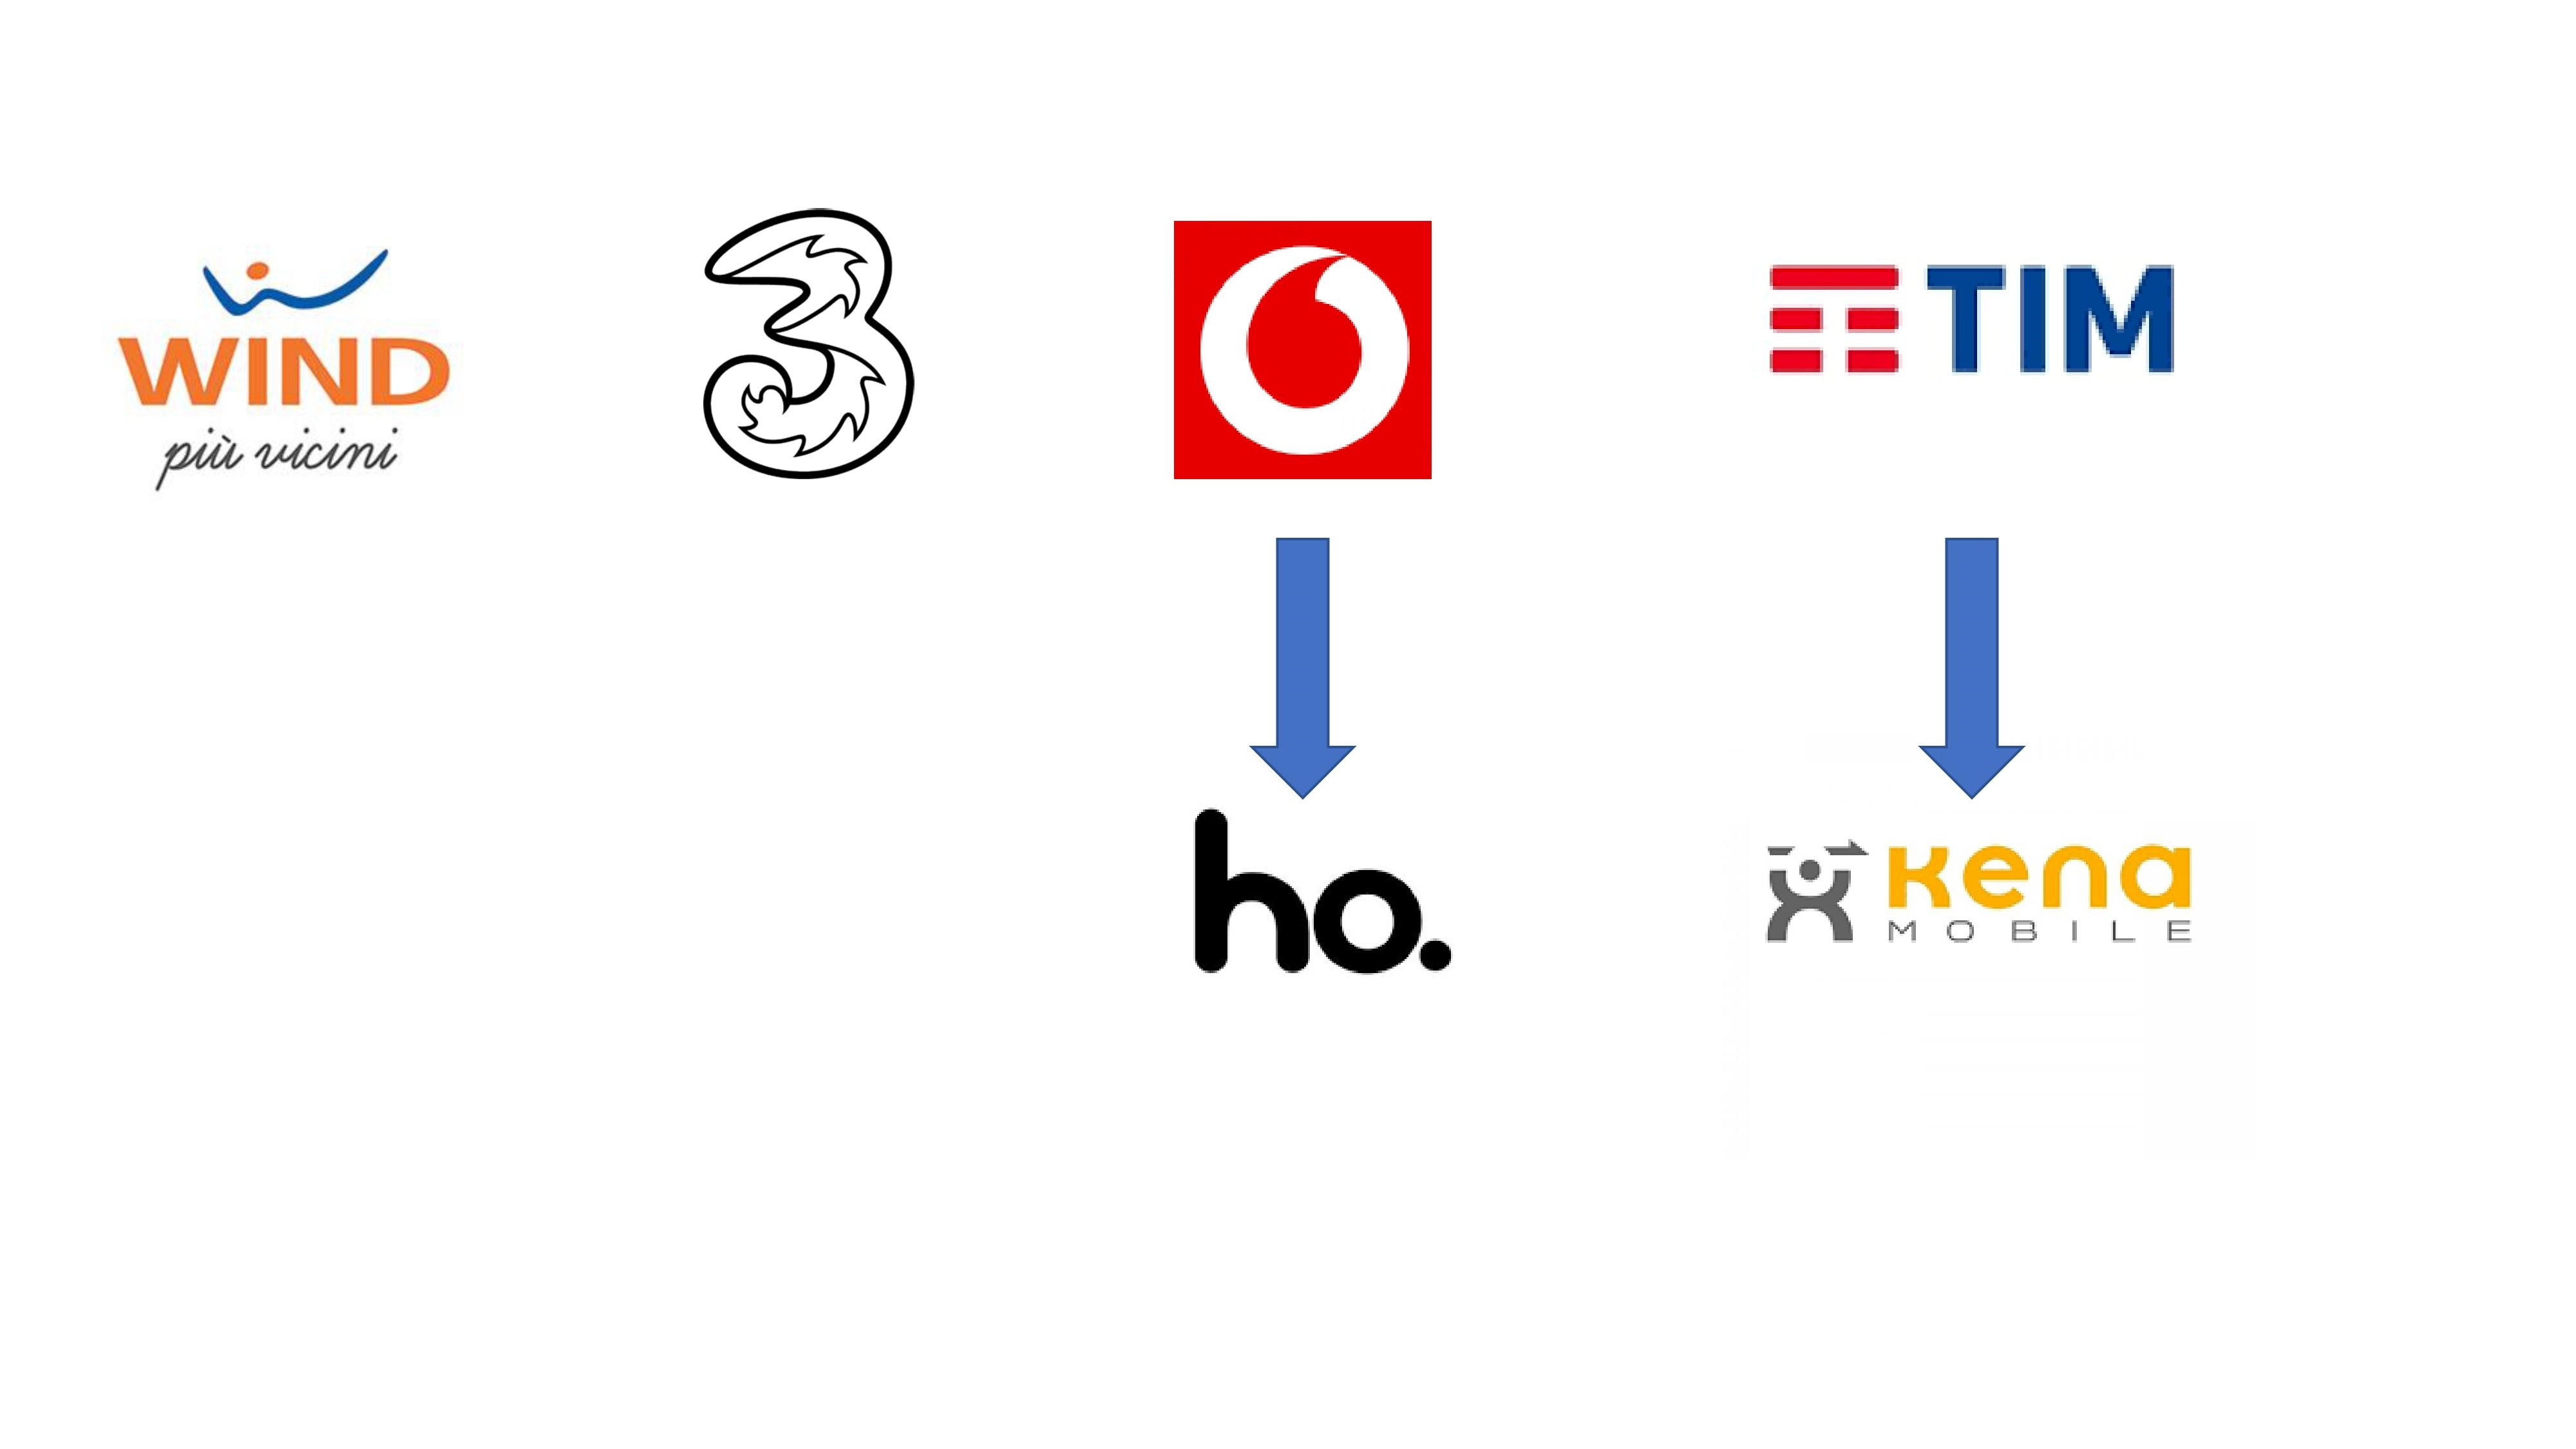 WindTre resta ferma sul suo posizionamento mentre Vodafone sforna Ho e TIM sforna KENA Mobile